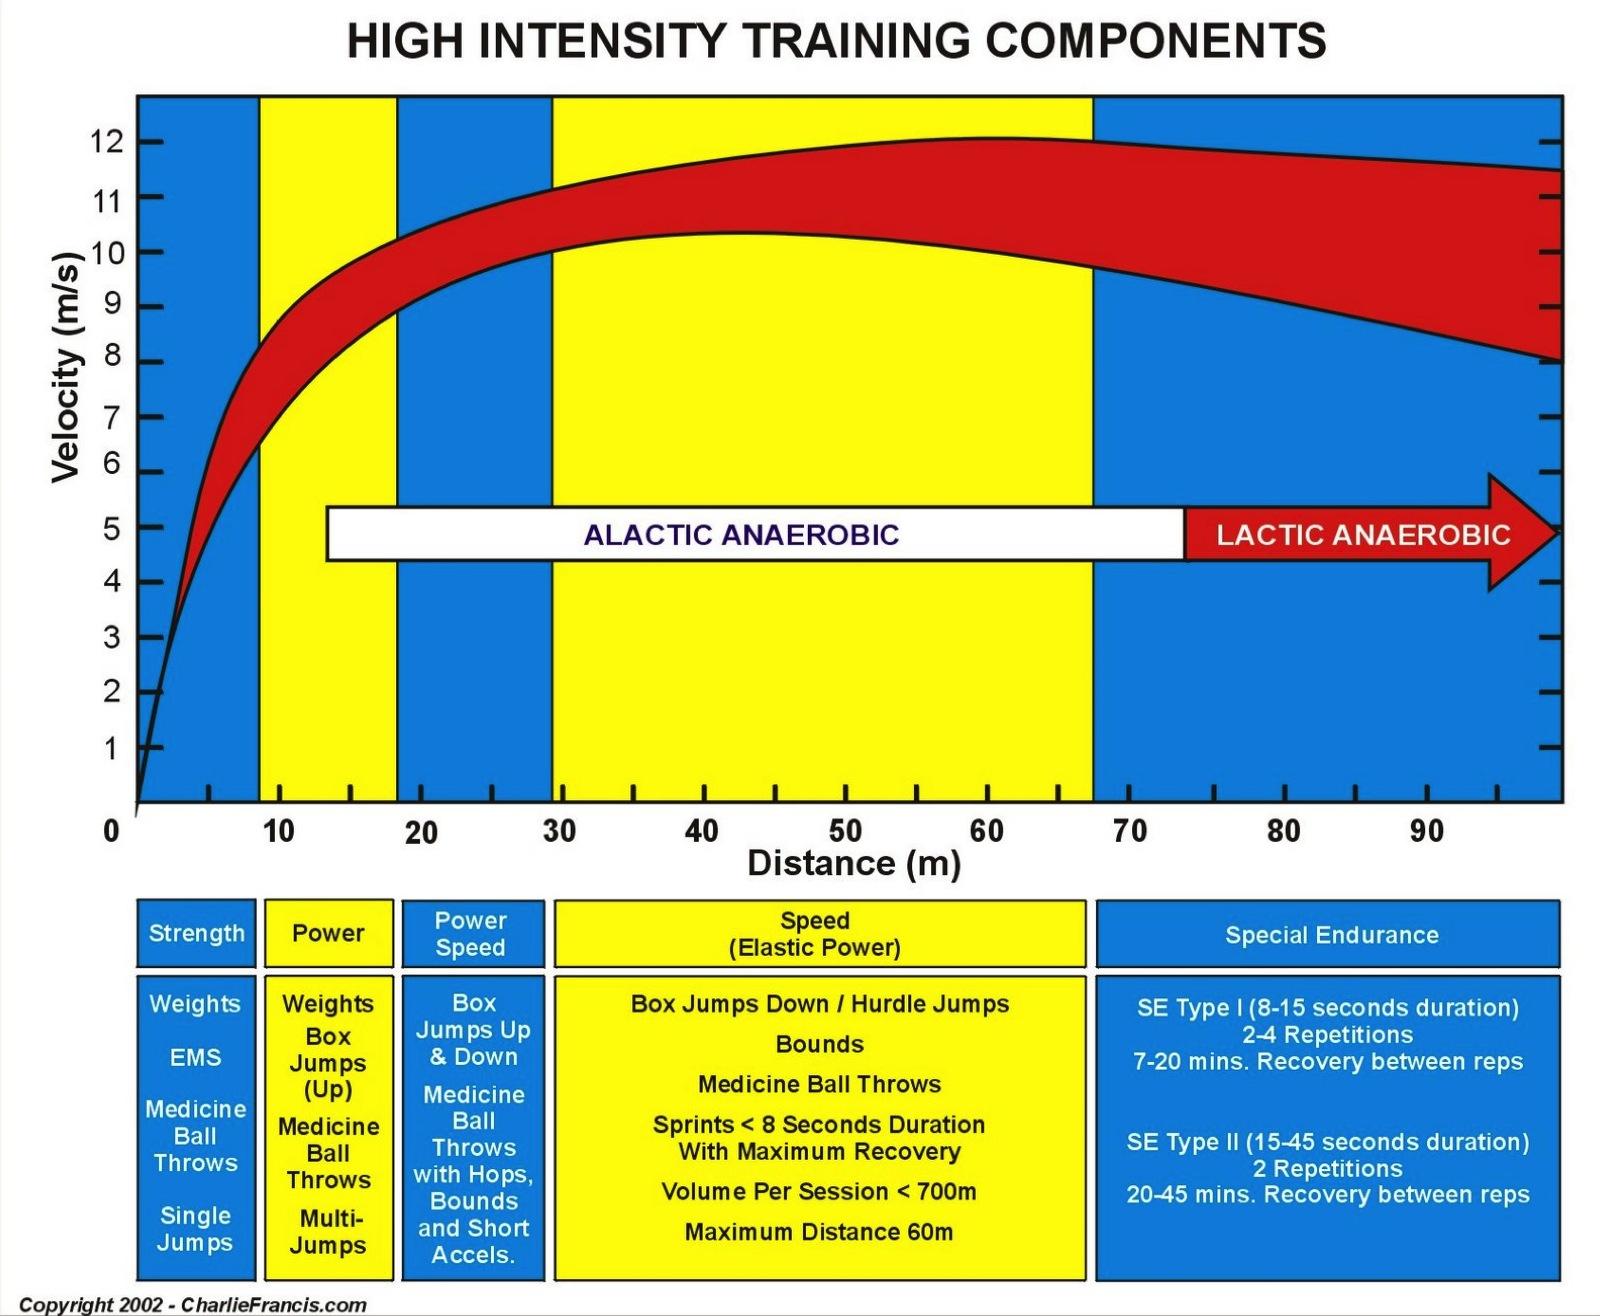 Aussie_high_intensityCOMPONENTS